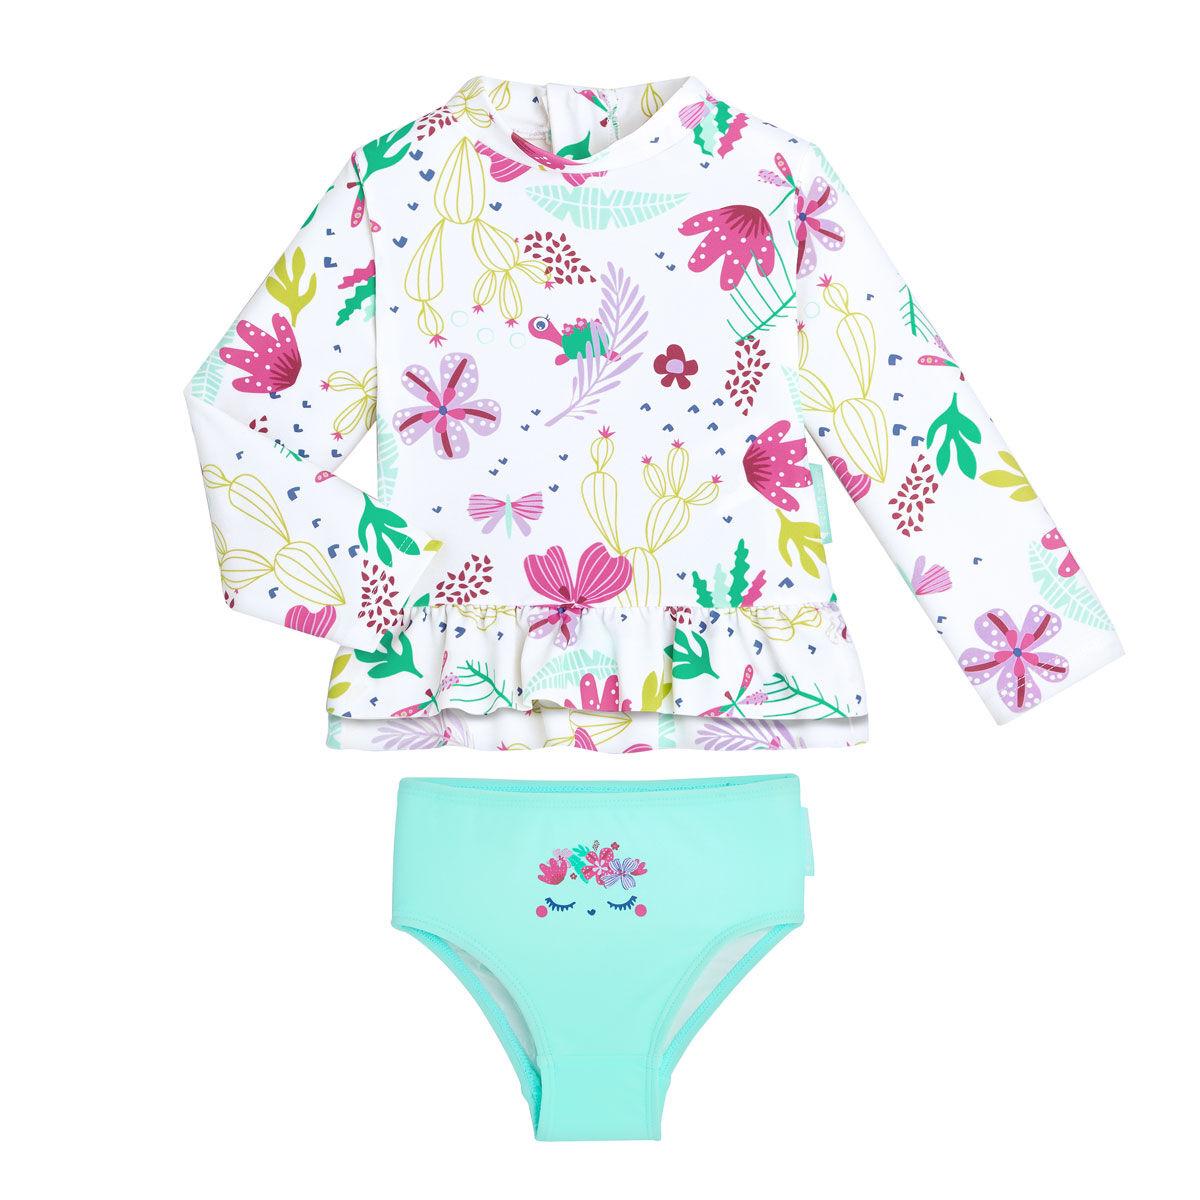 Petit Béguin Maillot de bain ANTI-UV fille 2 pièces t-shirt & culotte Tropic Coco - Taille - 5 ans